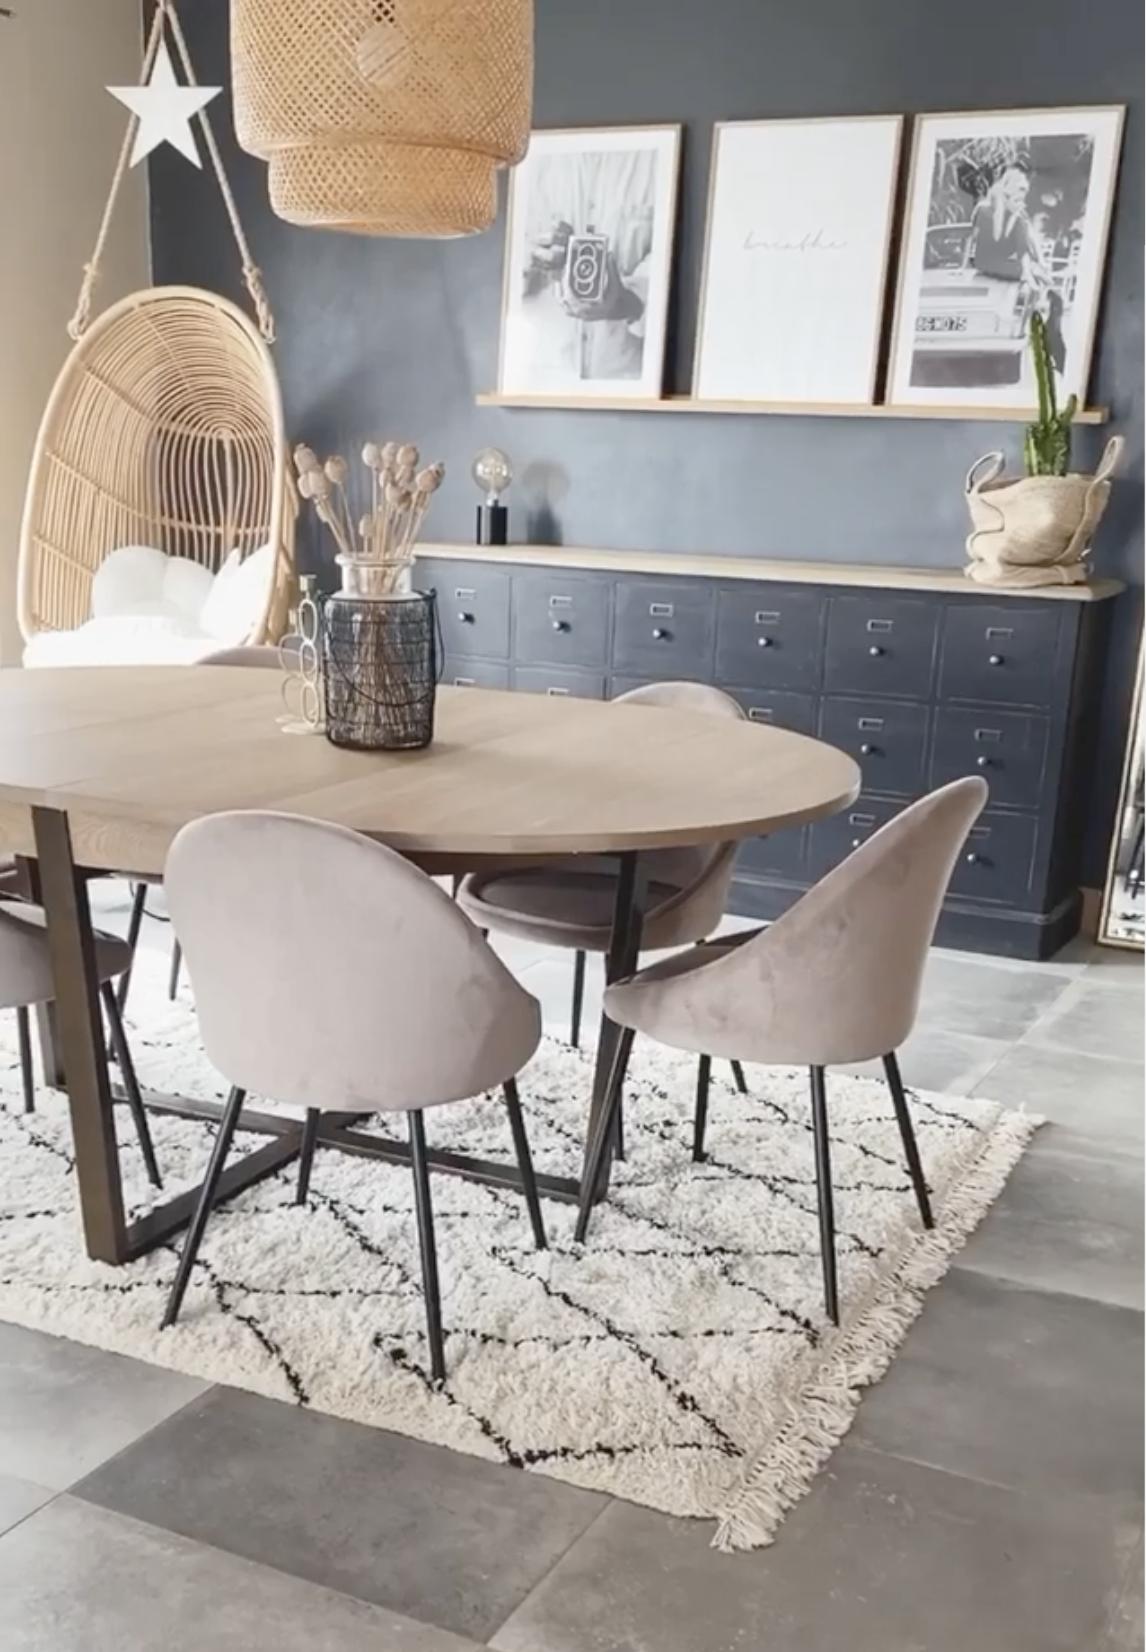 Salle A Manger Table Ovale Chaise Fauteuil En Velours Design Scandinave Tapis Berbere Pas Cher En 2020 Salle A Manger Table Ovale Chaise Design Chaise Fauteuil